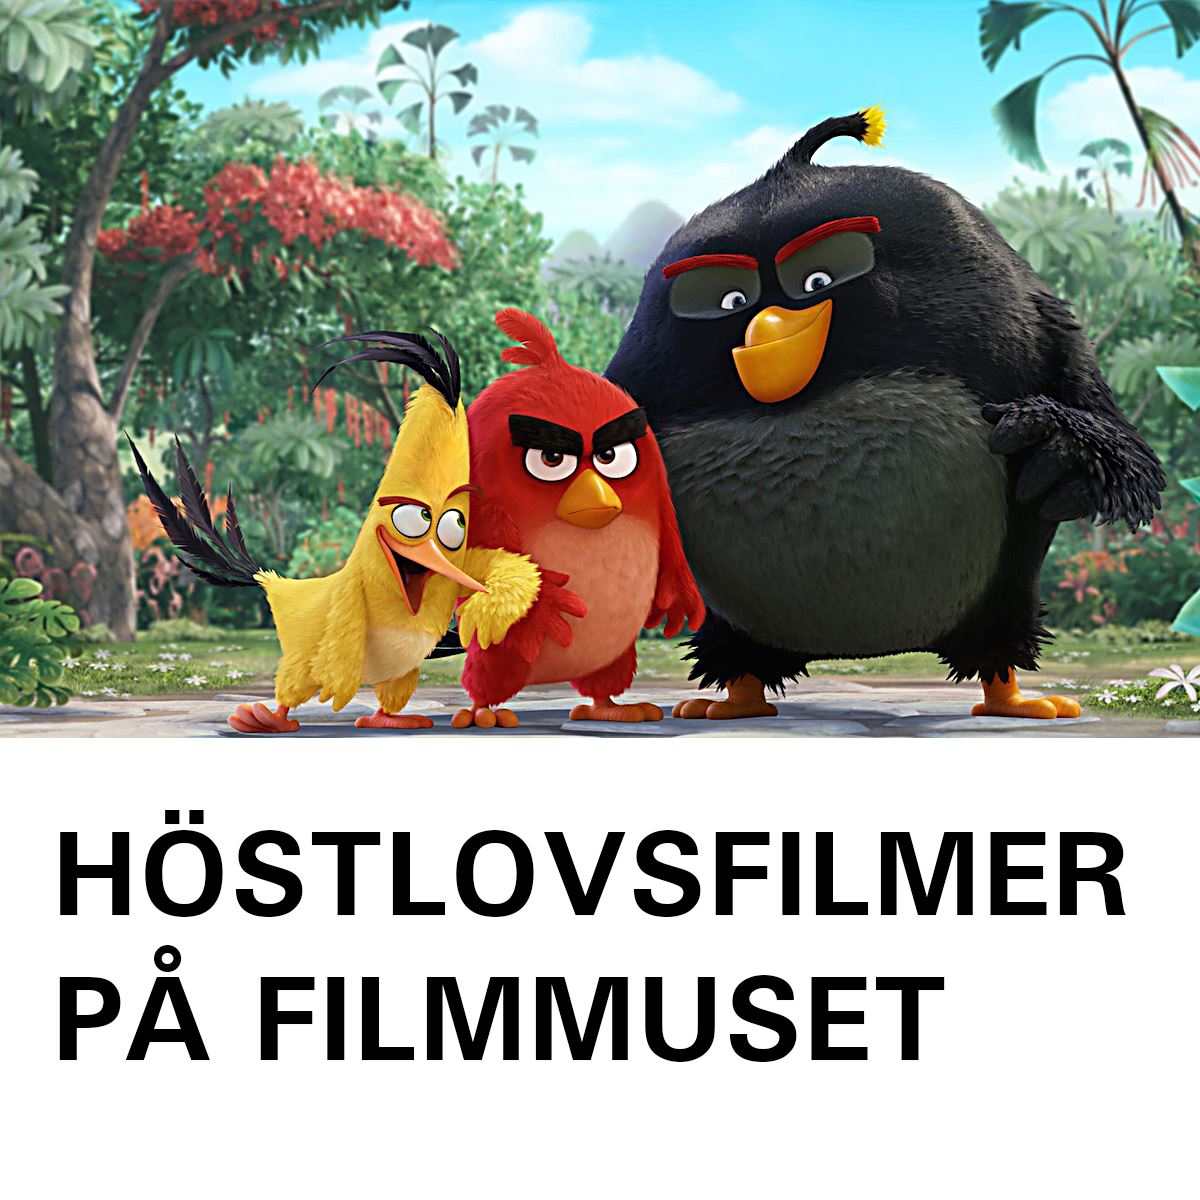 Höstlovsfilmer på Filmmuseet